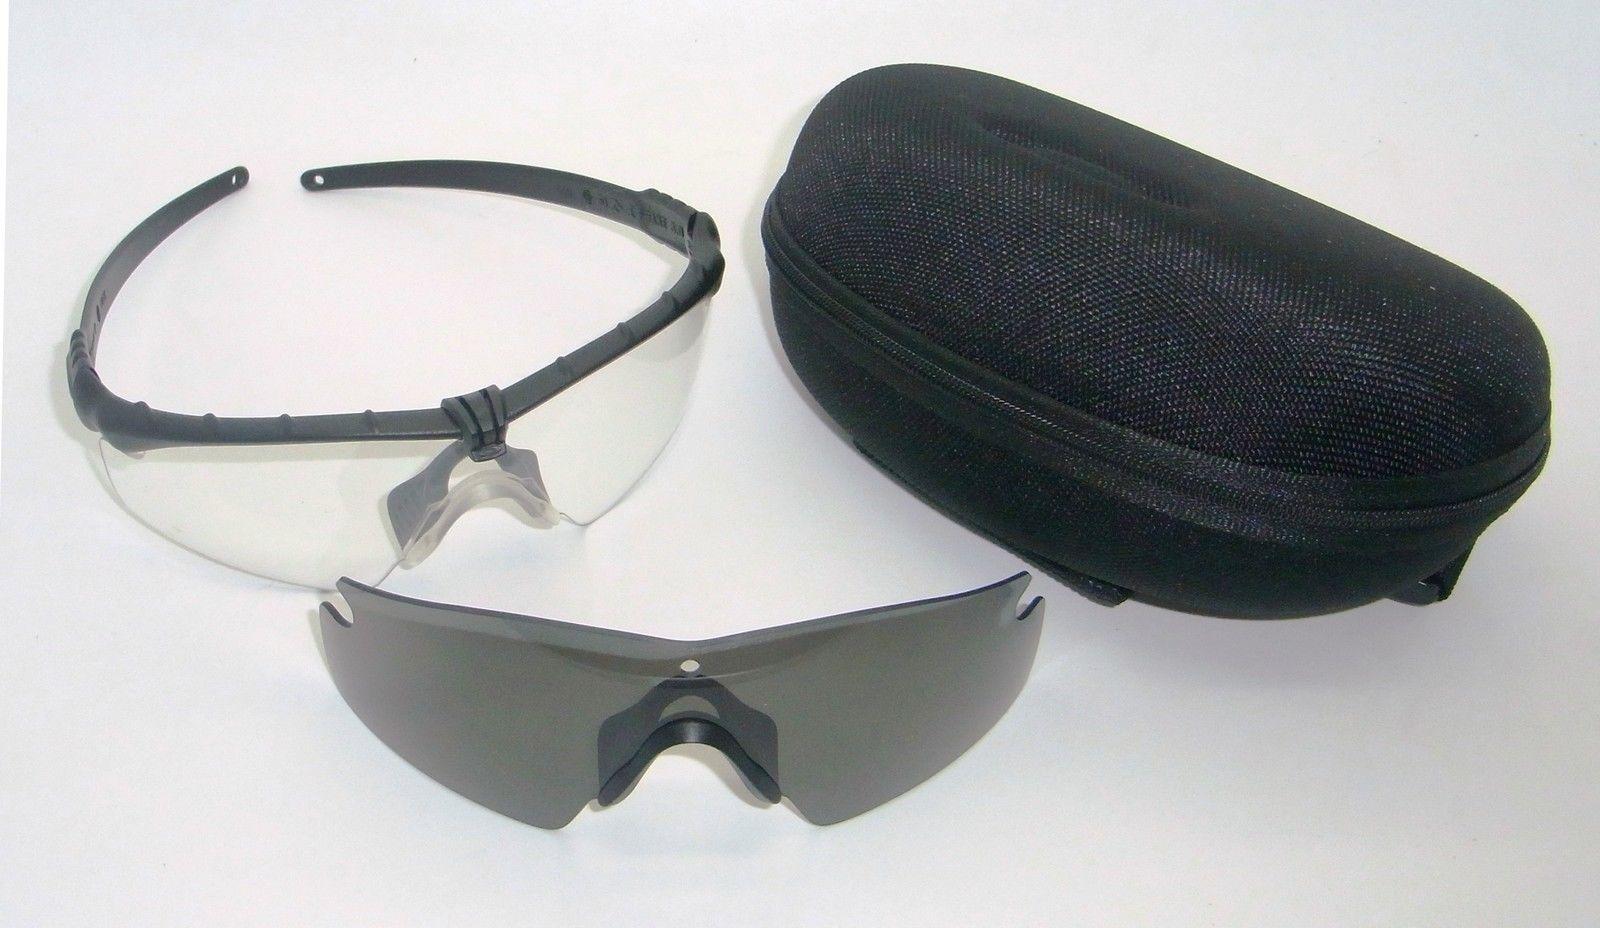 05deb9dbd8917 Oculos Oakley M Frame Strike Preço